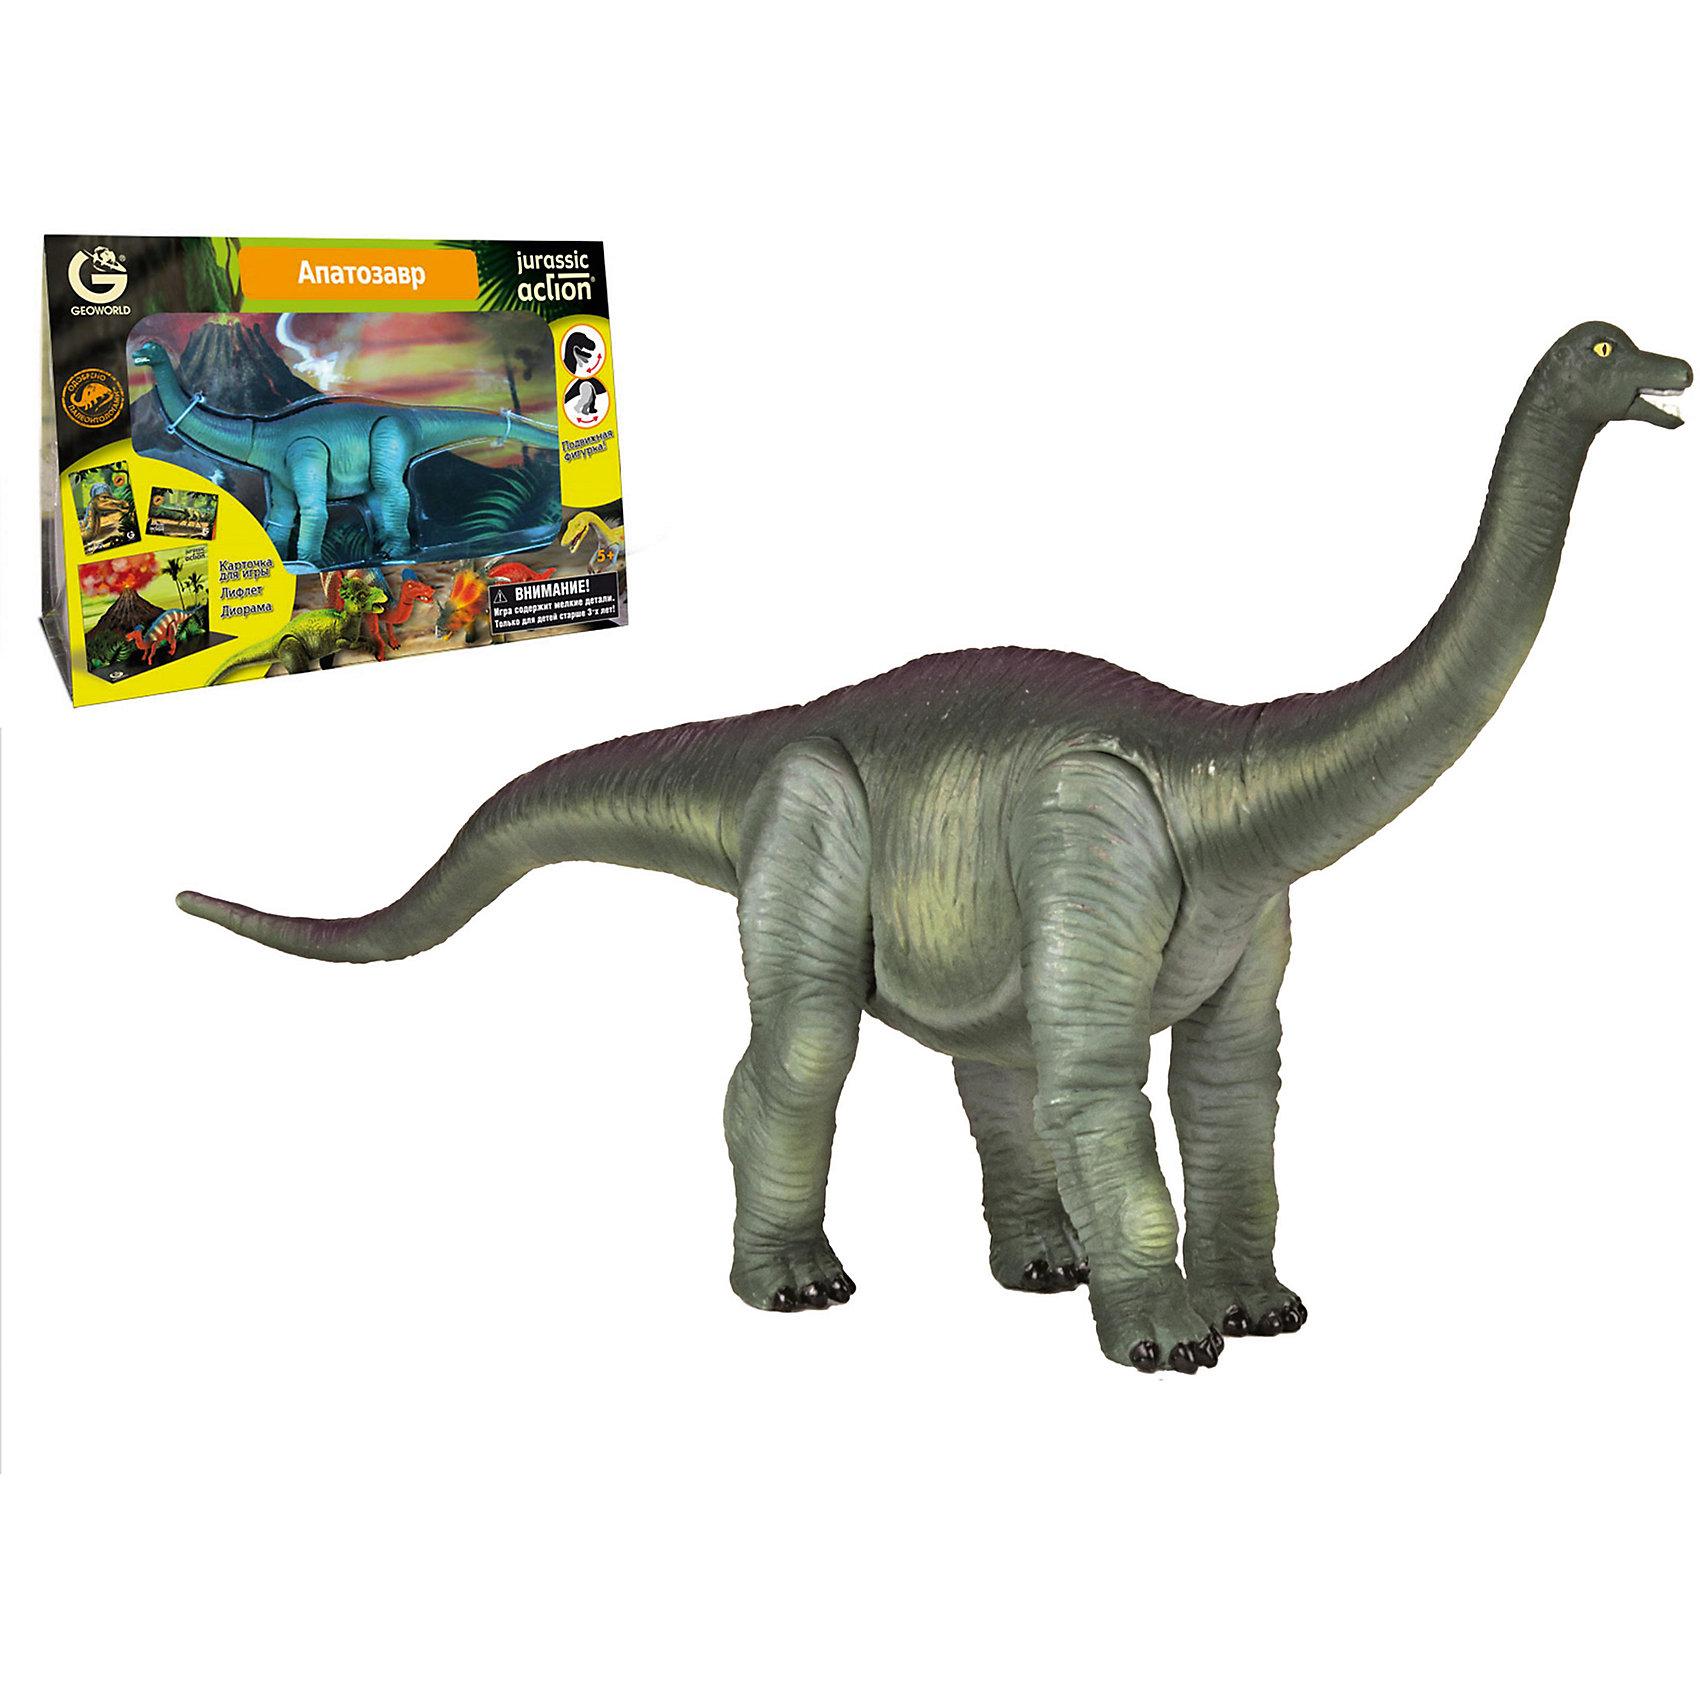 Динозавр Апатозавр, коллекция Jurassic Action, GeoworldДраконы и динозавры<br>Характеристики товара:<br><br>• материал: пластик, картон<br>• фигурка подвижная<br>• возраст: от 4 лет<br>• габариты упаковки: 23х11х33 см<br>• комплектация: фигурка динозавра, карточка, диорама<br>• вес: 400 г<br>• страна бренда: Италия<br><br>Детализированная фигурка отлично впишется в коллекцию динозавров юного палеонтолога. Уникальный дизайн, проработанные мелкие детали и художественное исполнение сделали игрушку очень реалистичной и перенесли ее в раздел коллекционных моделей. Материалы, использованные при изготовлении товаров, проходят проверку на качество и соответствие международным требованиям по безопасности.<br><br>У фигурки подвижны конечности и голова, поэтому ей можно придавать разные позы. Также в наборе идет карточка, описывающая этого динозавра, и буклет. Плюс - диорама со средой обитания динозавра. Такие фигурки помогают привить детям любовь к учебе, развить воображение и интерес к коллекционированию.<br><br>Динозавр Апатозавр, коллекция Jurassic Action, от бренда Geoworld можно купить в нашем интернет-магазине.<br><br>Ширина мм: 230<br>Глубина мм: 110<br>Высота мм: 330<br>Вес г: 400<br>Возраст от месяцев: 60<br>Возраст до месяцев: 108<br>Пол: Унисекс<br>Возраст: Детский<br>SKU: 5418997